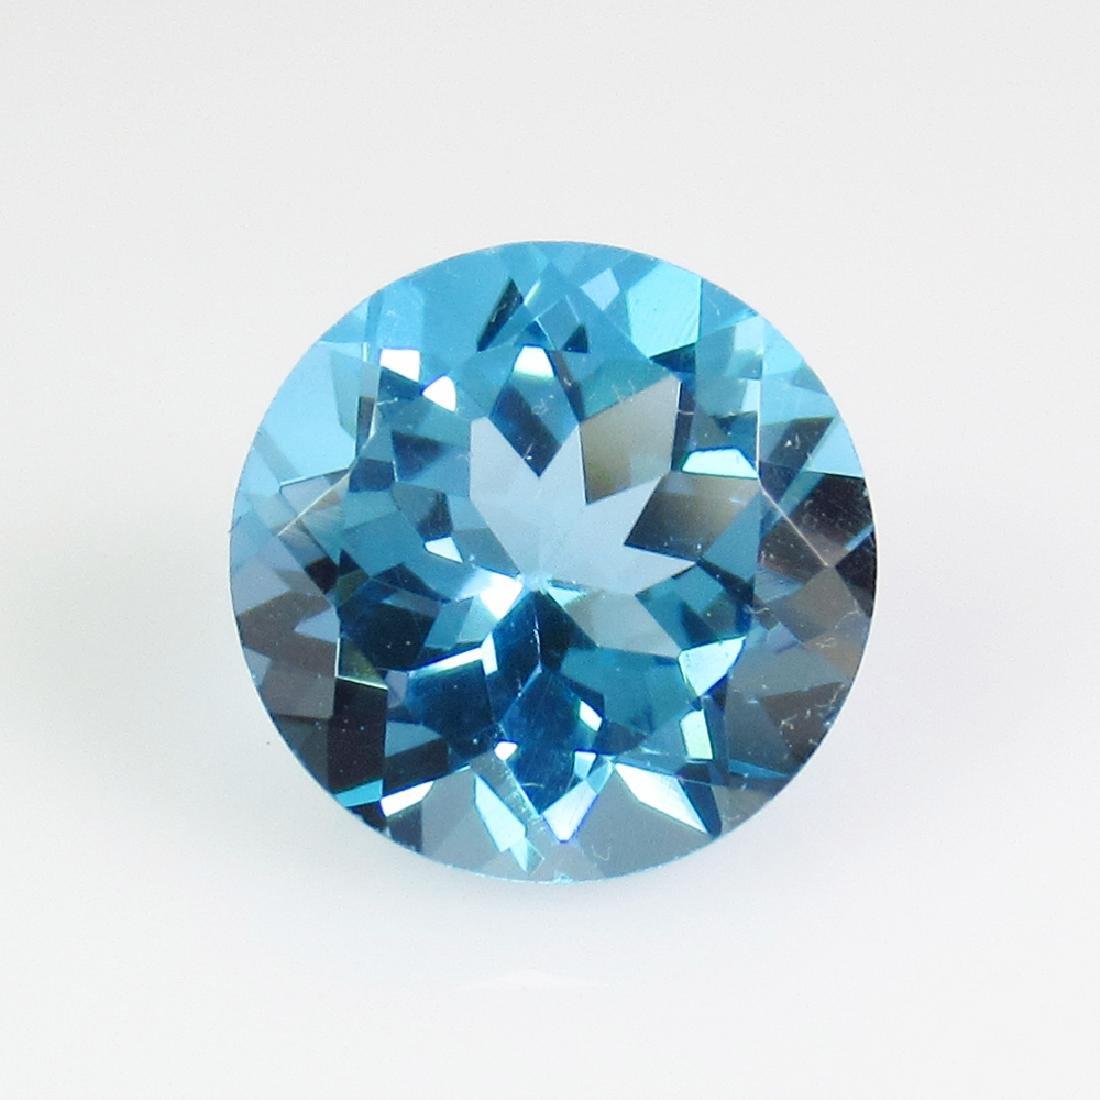 2.95 Ct Genuine Swiss Blue Topaz 9 mm Round Cut